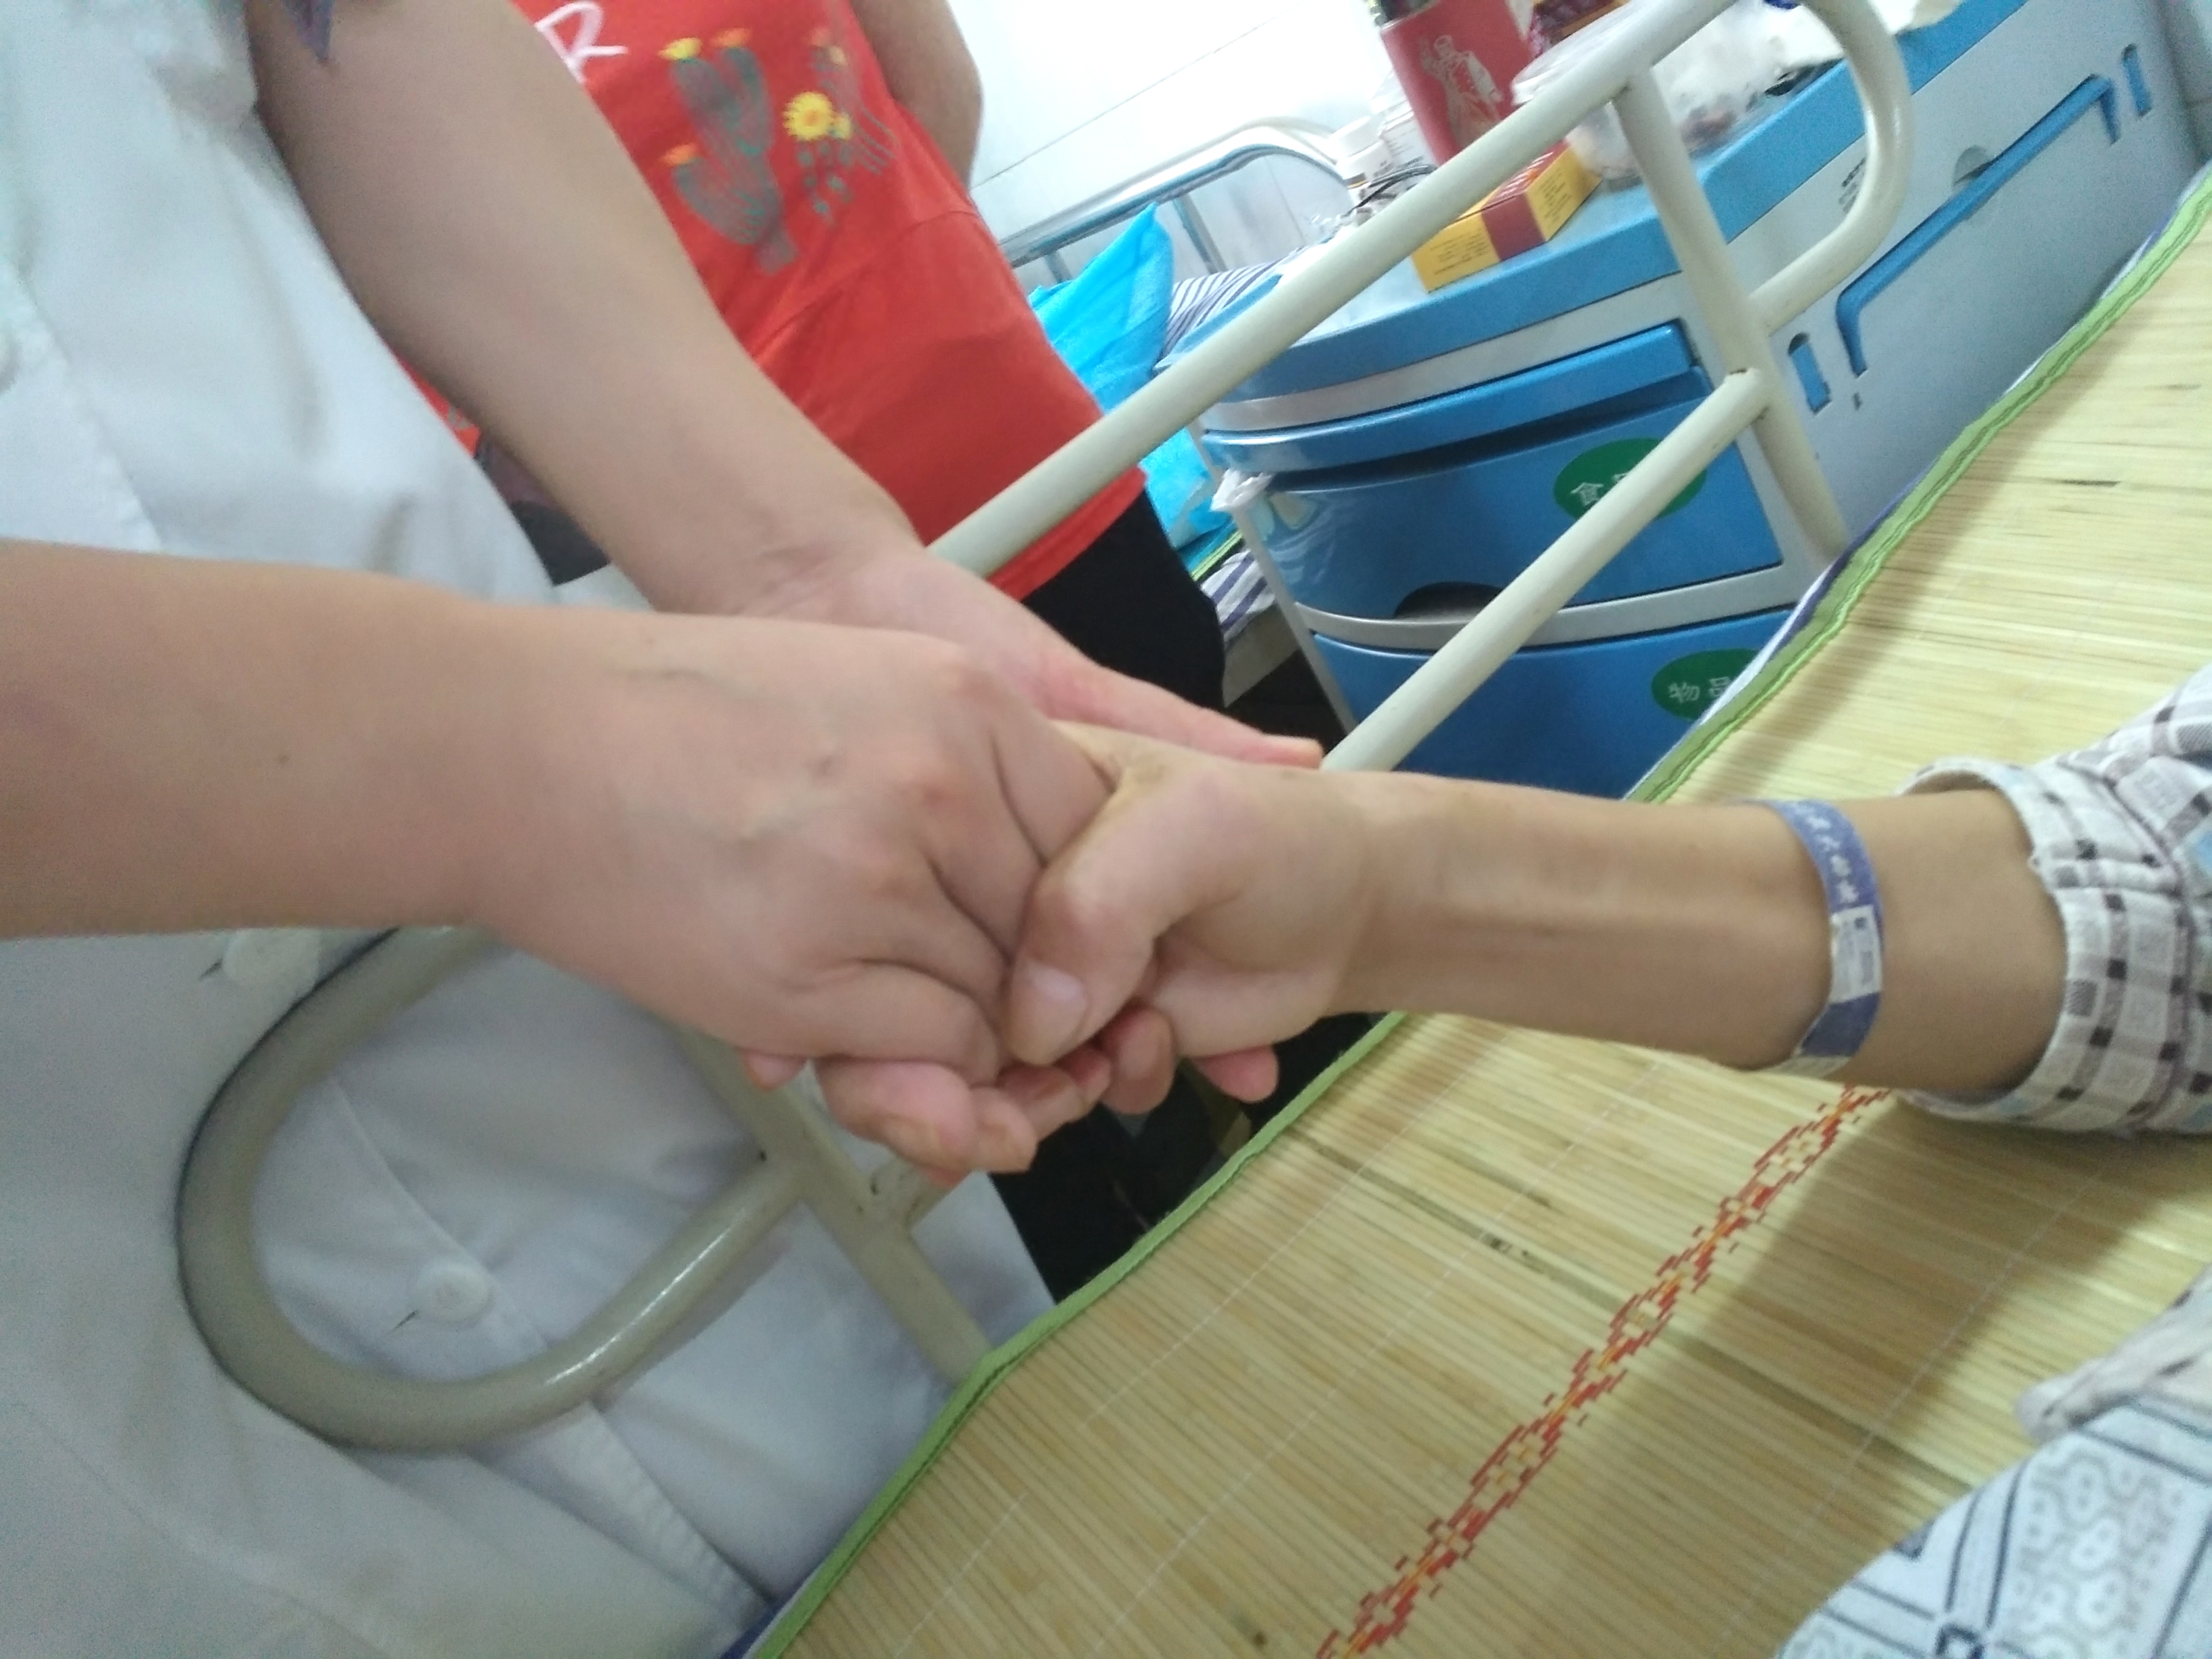 湘潭|工伤康复早期介入 让生命可以有奇迹